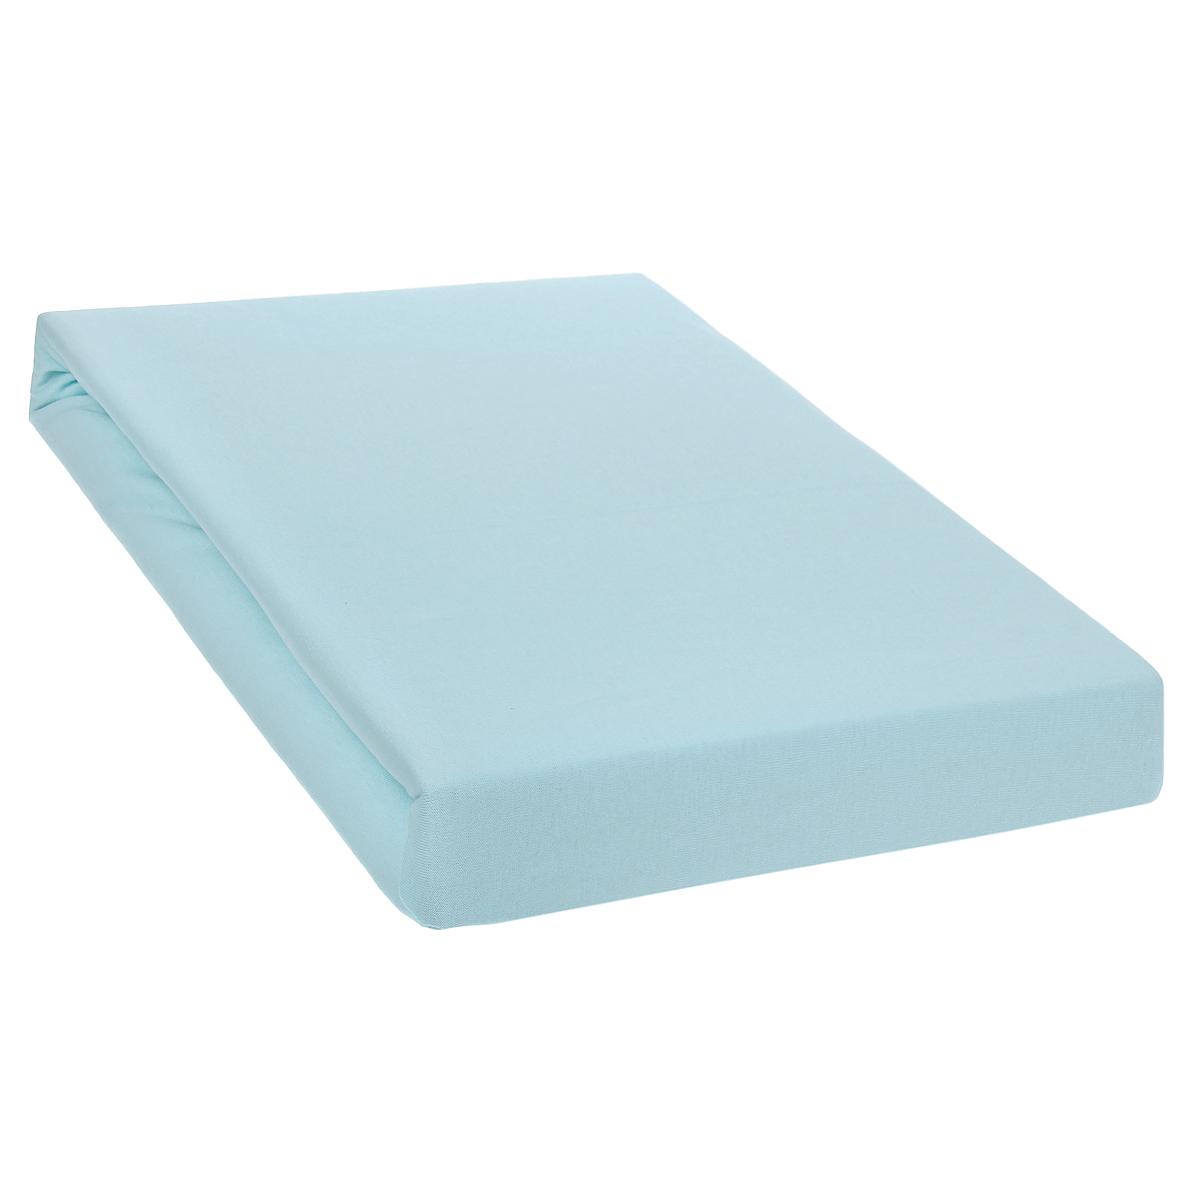 Простыня на резинке Tete-a-Tete, цвет: роса, 90 х 200 смТ-ПР-3016Однотонная простыня на резинке Tete-a-Tete выполнена из натурального хлопка. Высочайшее качество материала гарантирует безопасность не только взрослых, но и самых маленьких членов семьи. Простыня гармонично впишется в интерьер вашего дома и создаст атмосферу уюта и комфорта. Особенности коллекции Tete-a-Tete: - выдерживает более 100 стирок практически без изменения внешнего вида, - модные цвета и стойкие оттенки, - минимальная усадка, - надежные резинки и износостойкая ткань, - безупречное качество, - гиппоаллергенно. Коллекция Tete-a-Tete специально создана для практичных людей, которые ценят качество и долговечность вещей, окружают своих близких теплотой и заботой.